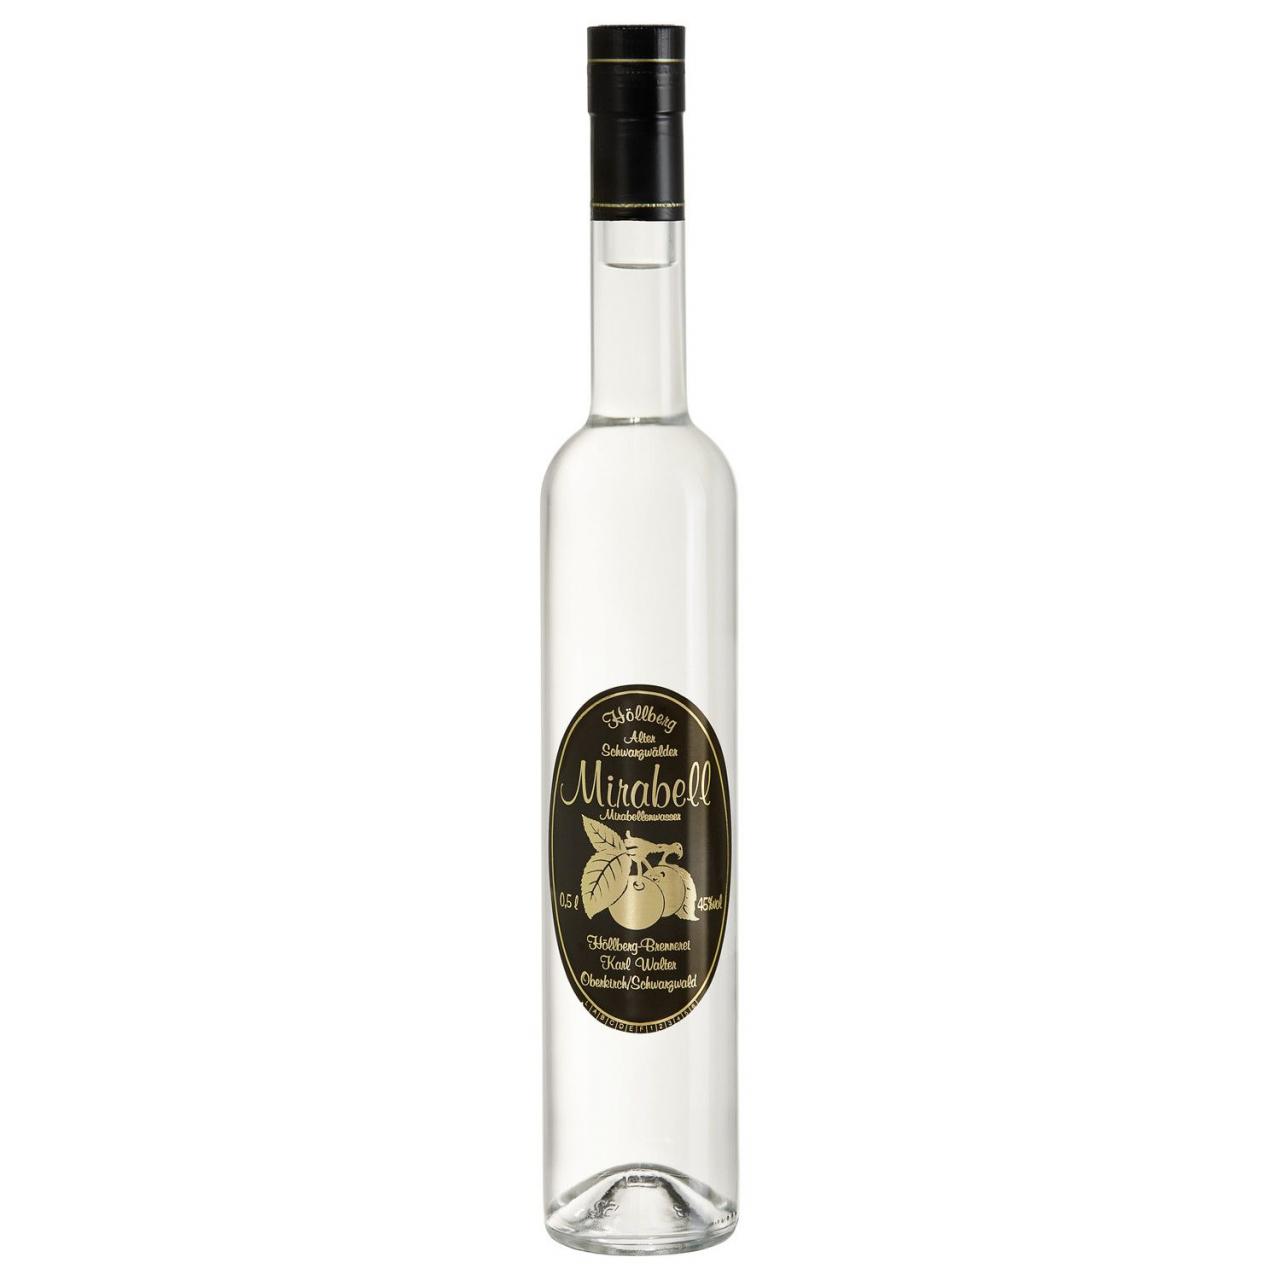 0,5 Liter Flasche Höllberg Mirabellengeist mit 45% vol.